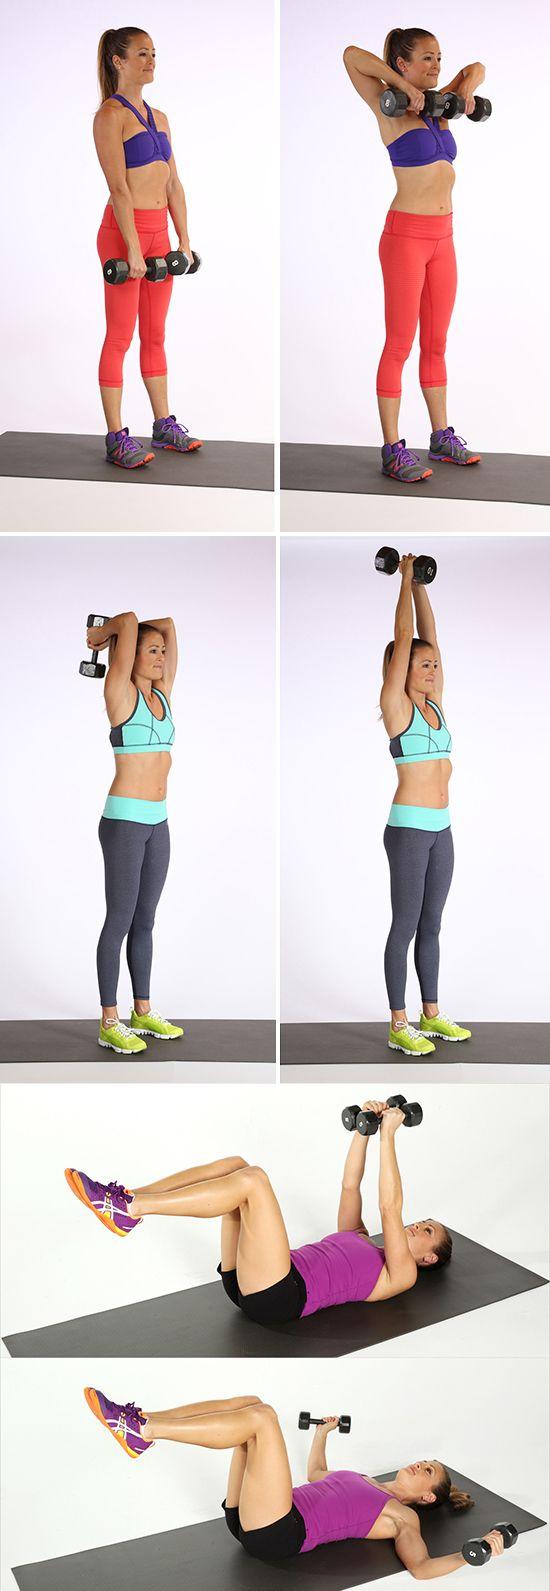 ejercicio para adelgazar brazos mujeres solteras